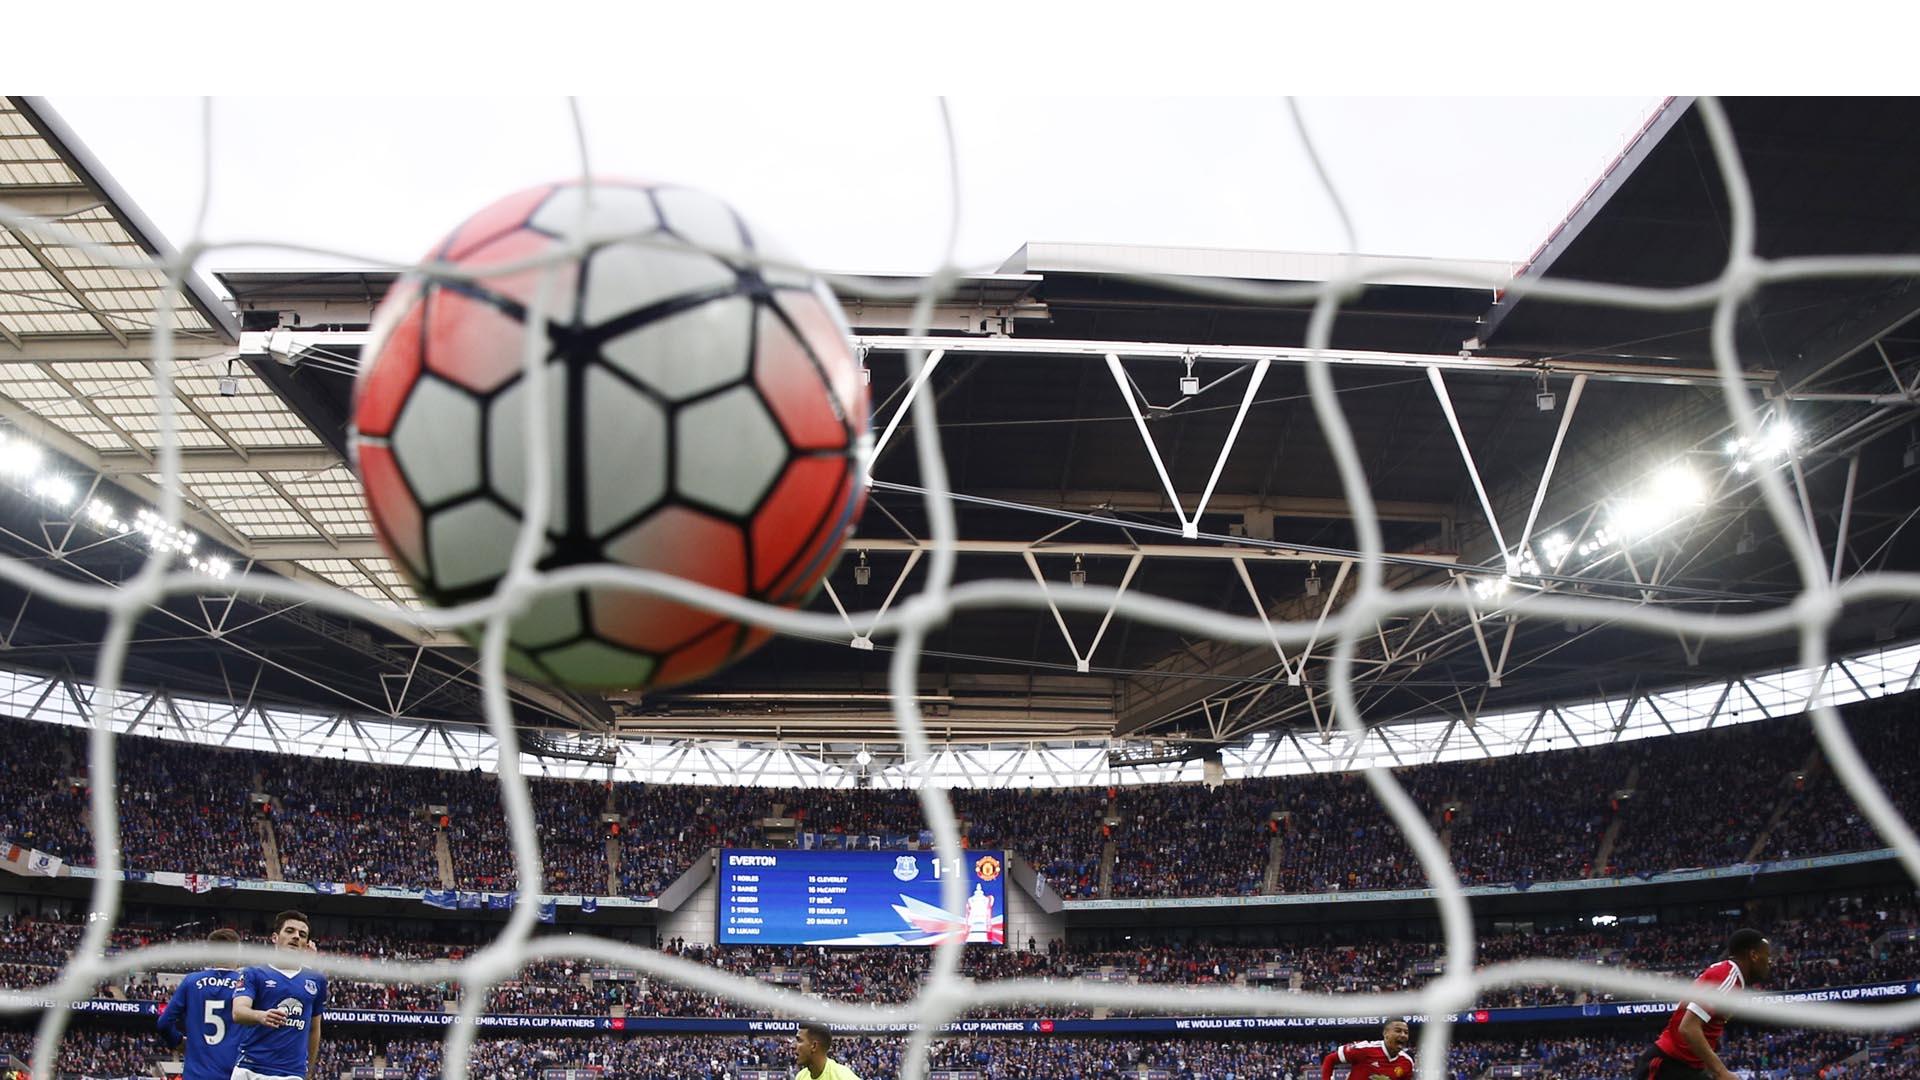 Según Forbes, el Manchester United obtuvo 190 millones de dólares en ganancias durante 2015, seguido por el Real Madrid